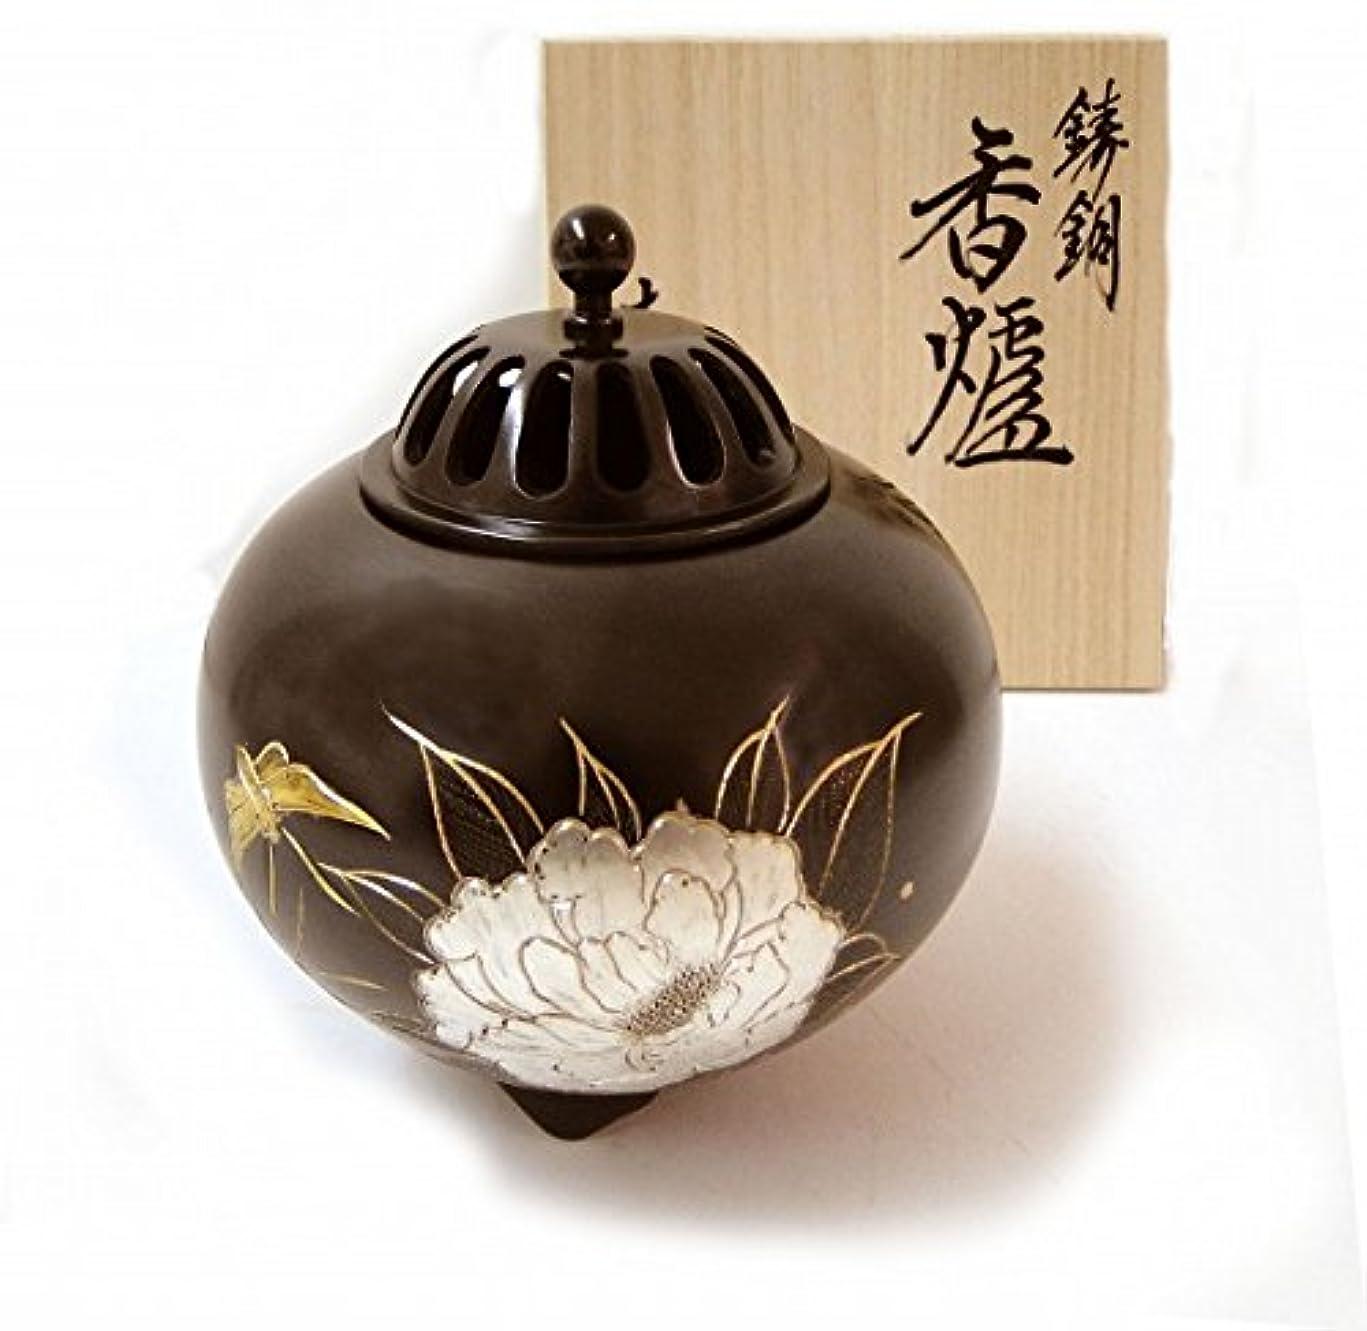 注目すべきスピーカー差別『平丸香炉?牡丹』銅製